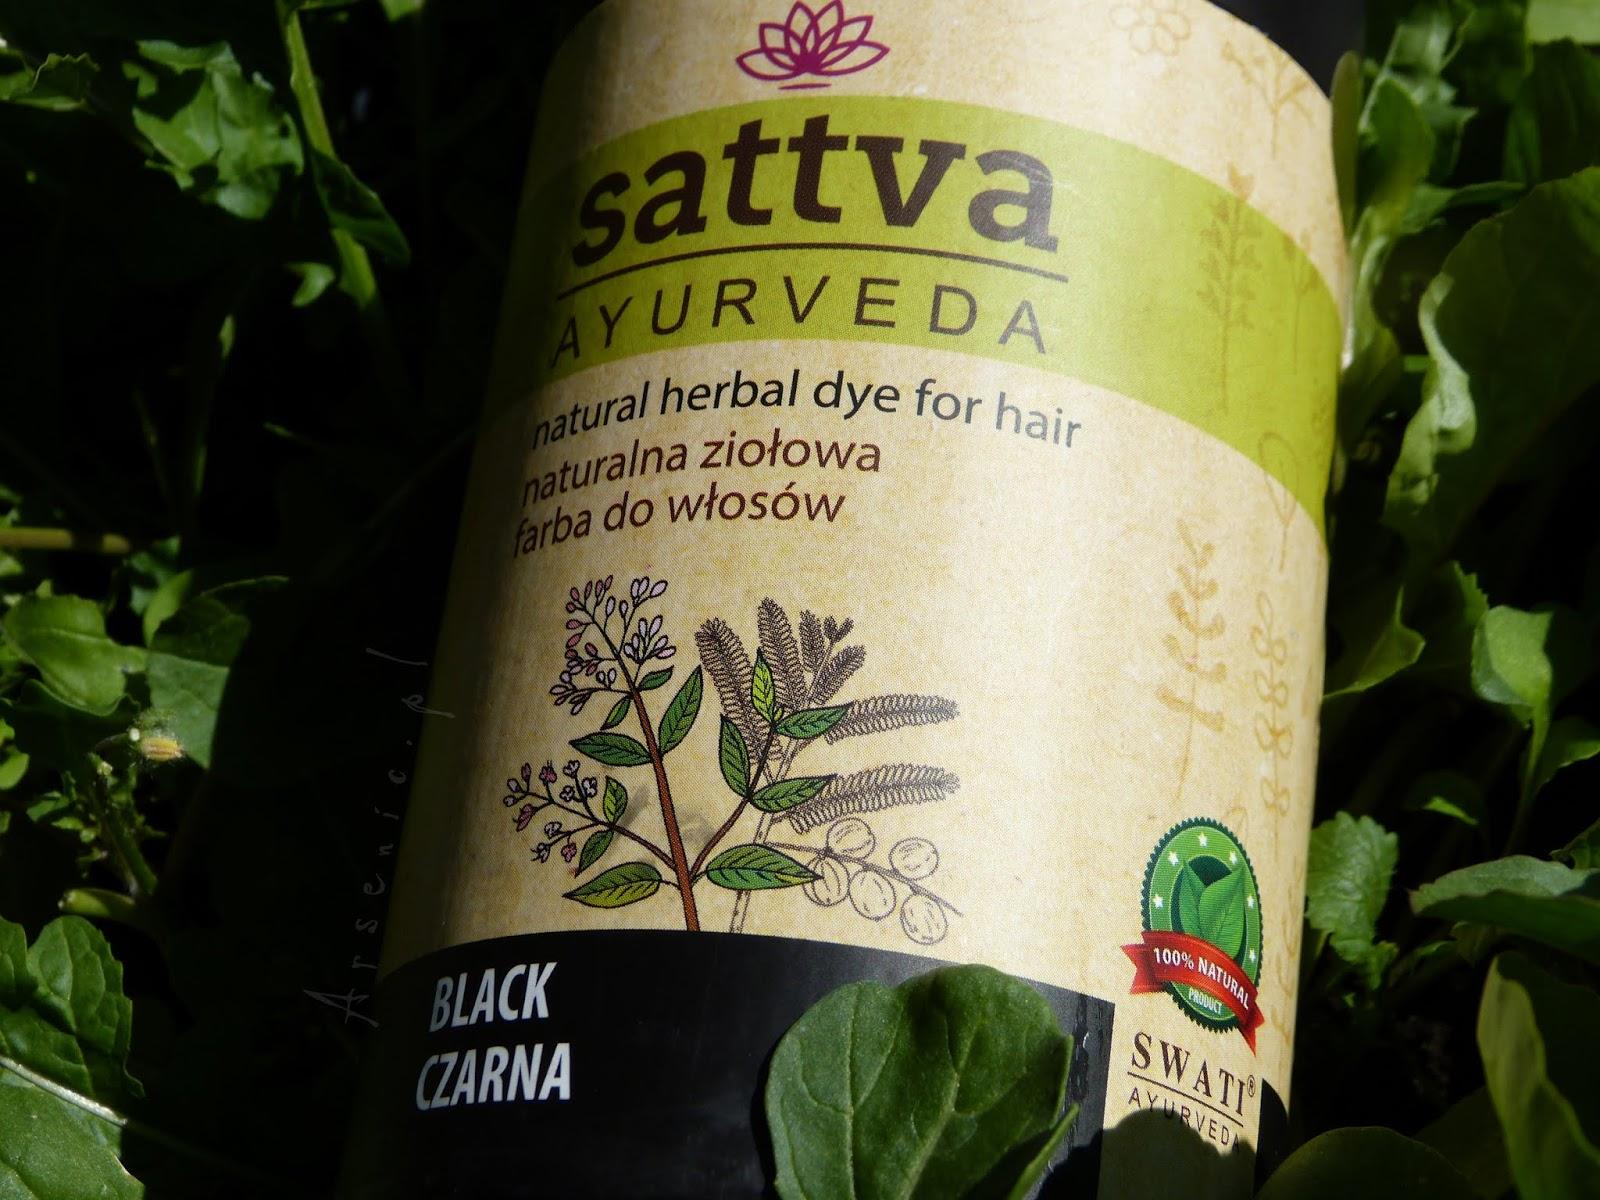 Farba Sattva Ayurveda - wielki powrót do farb roślinnych. Skład, sposób farbowania i efekty.